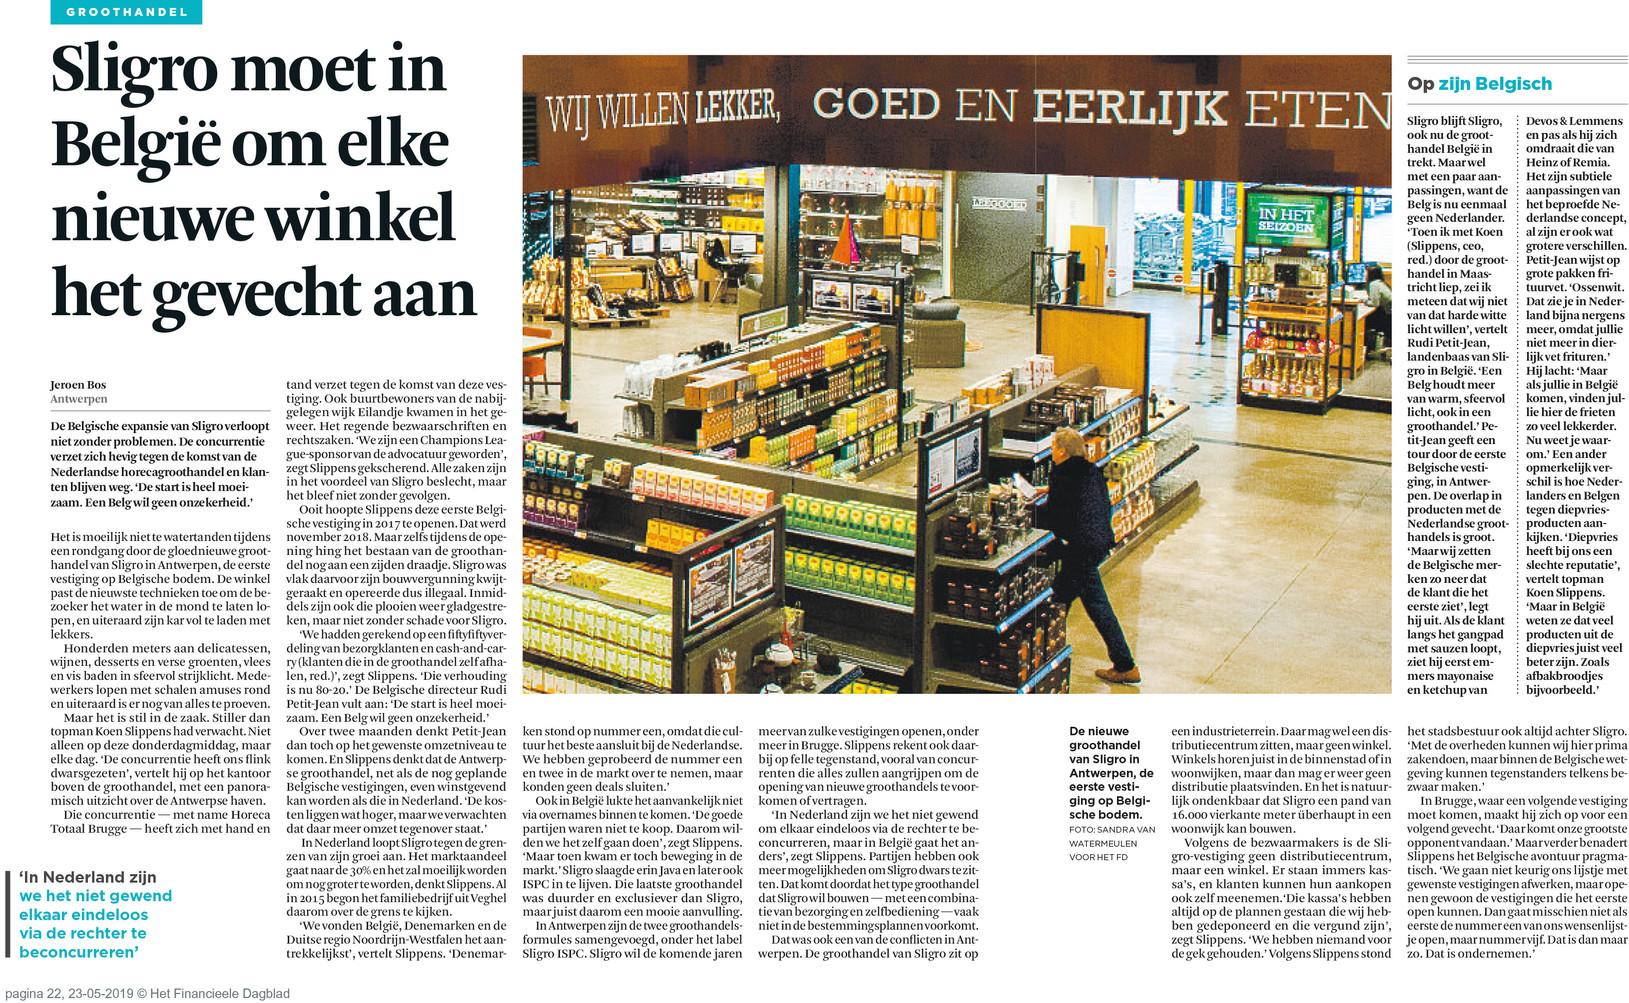 Het Financieel Dagblad 23/05/2019